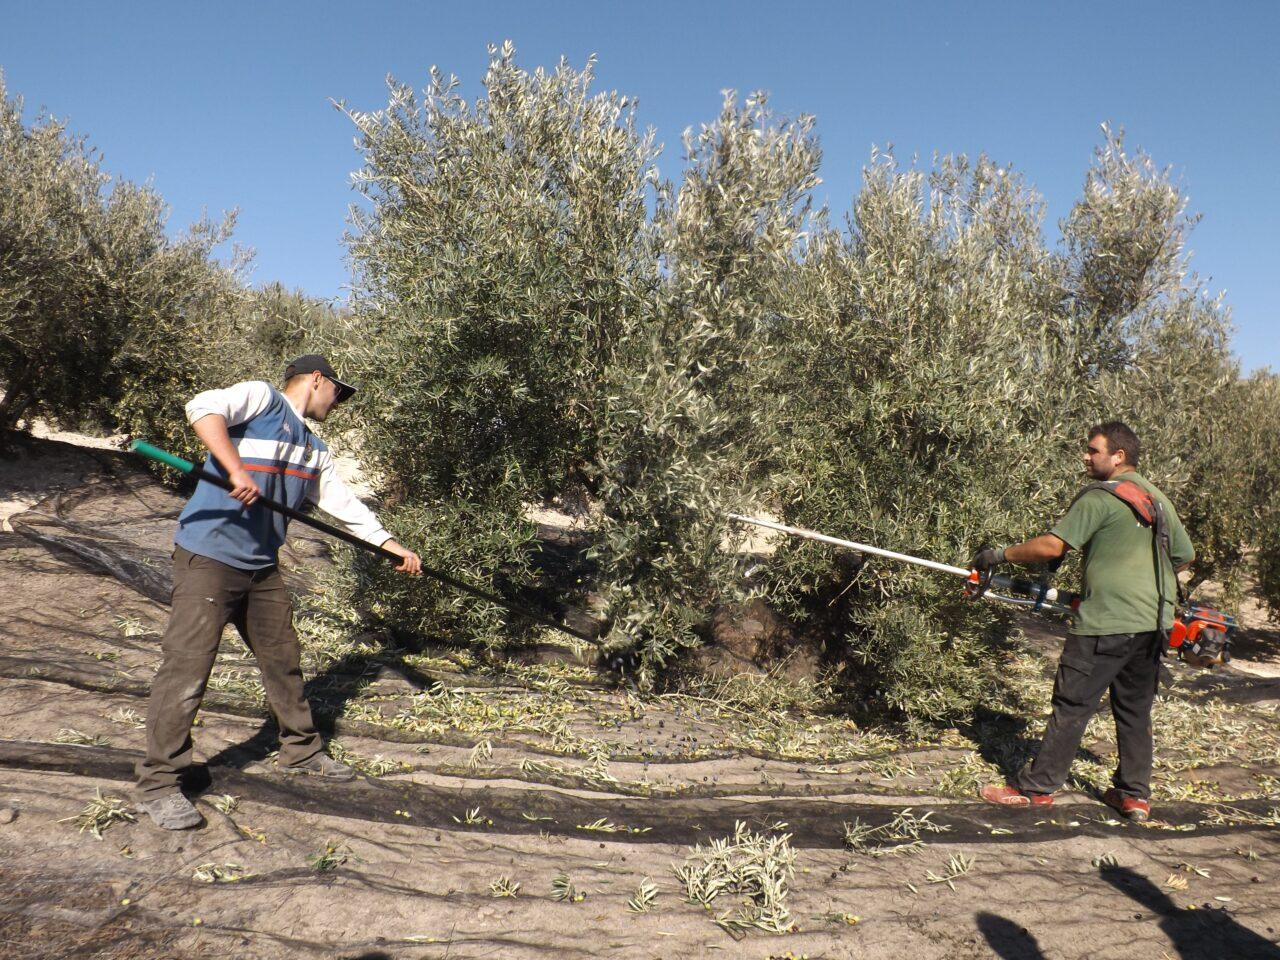 La DO Sierra Mágina calcula que ya se han producido 32.000 toneladas de aceite de oliva en una campaña en la que se ha recogido el 80% de la cosecha